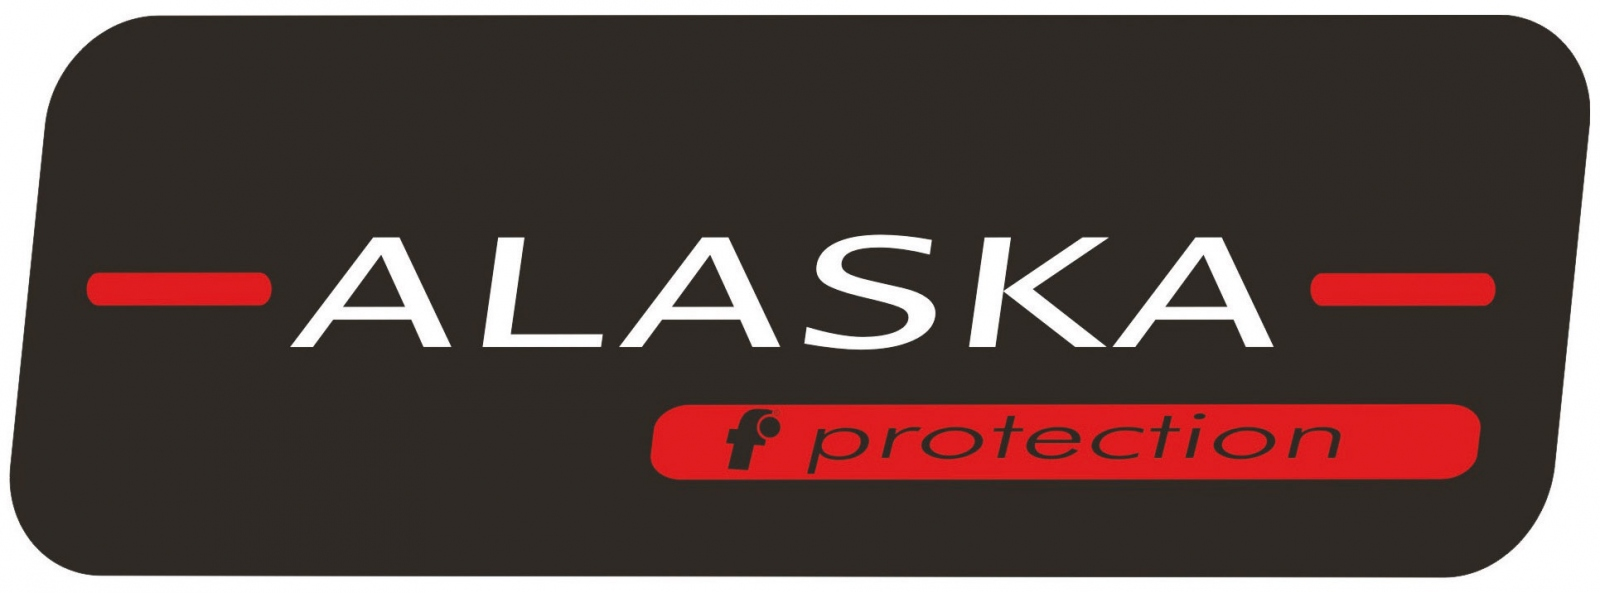 ALASKA protection